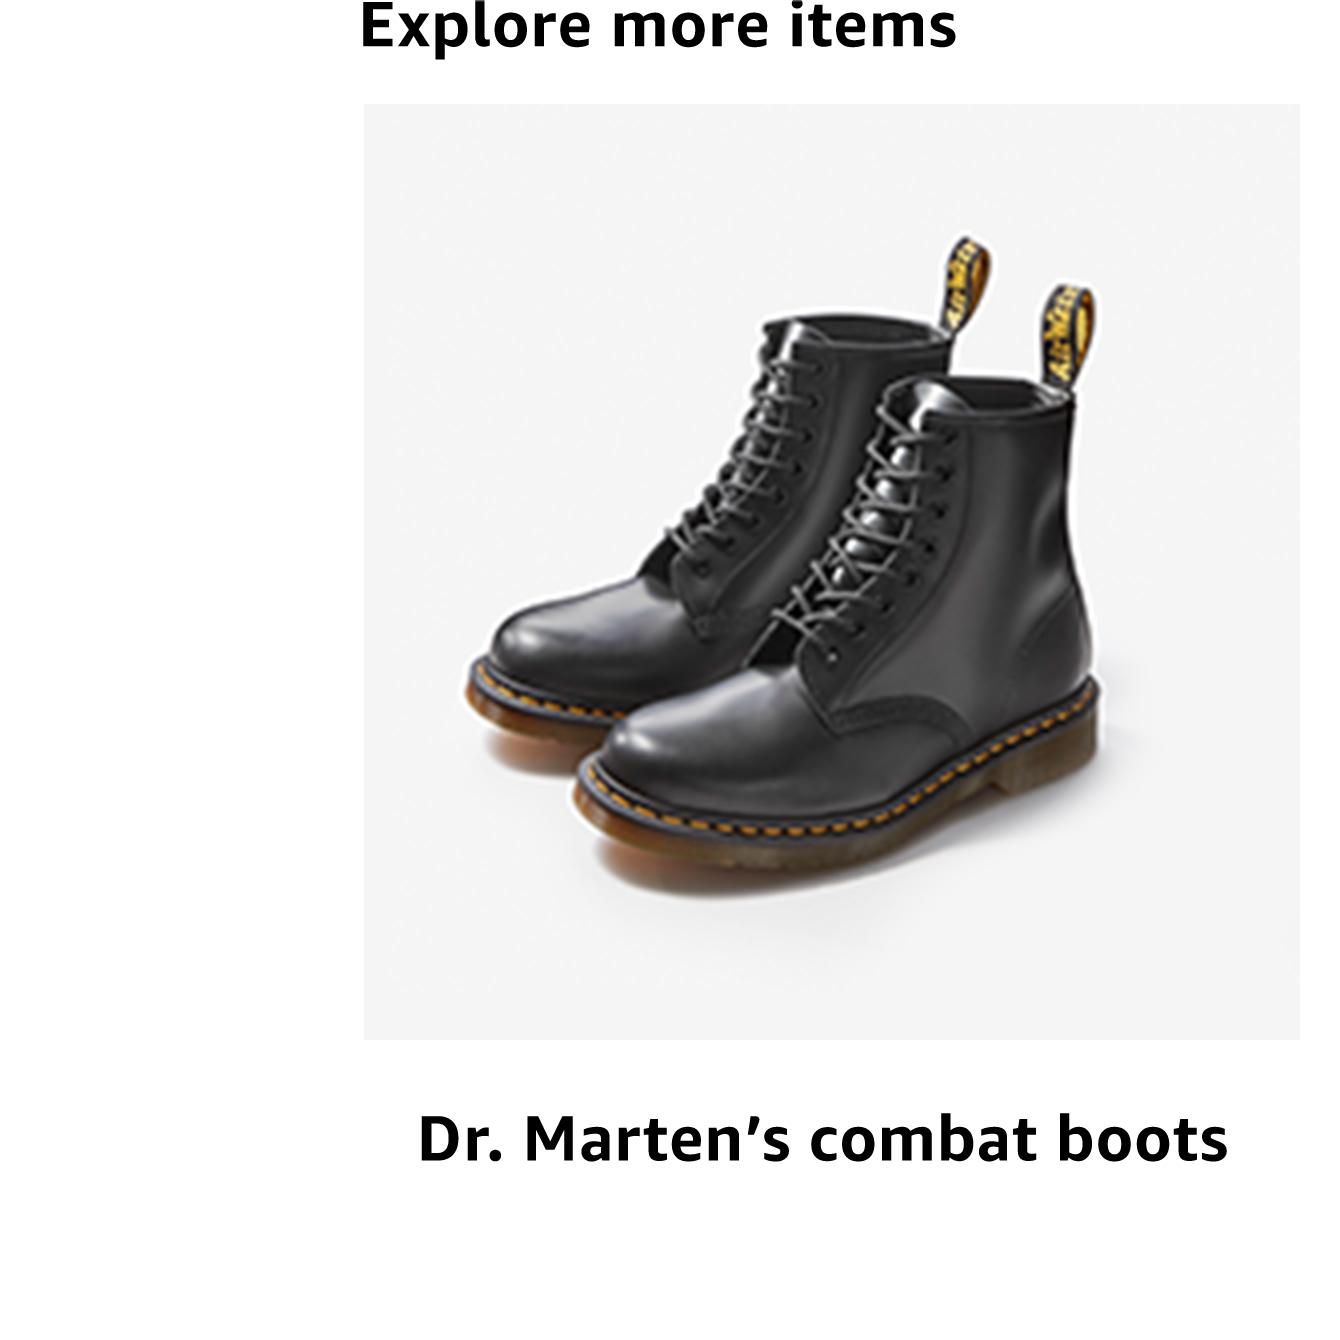 Dr. Marten's combat boots